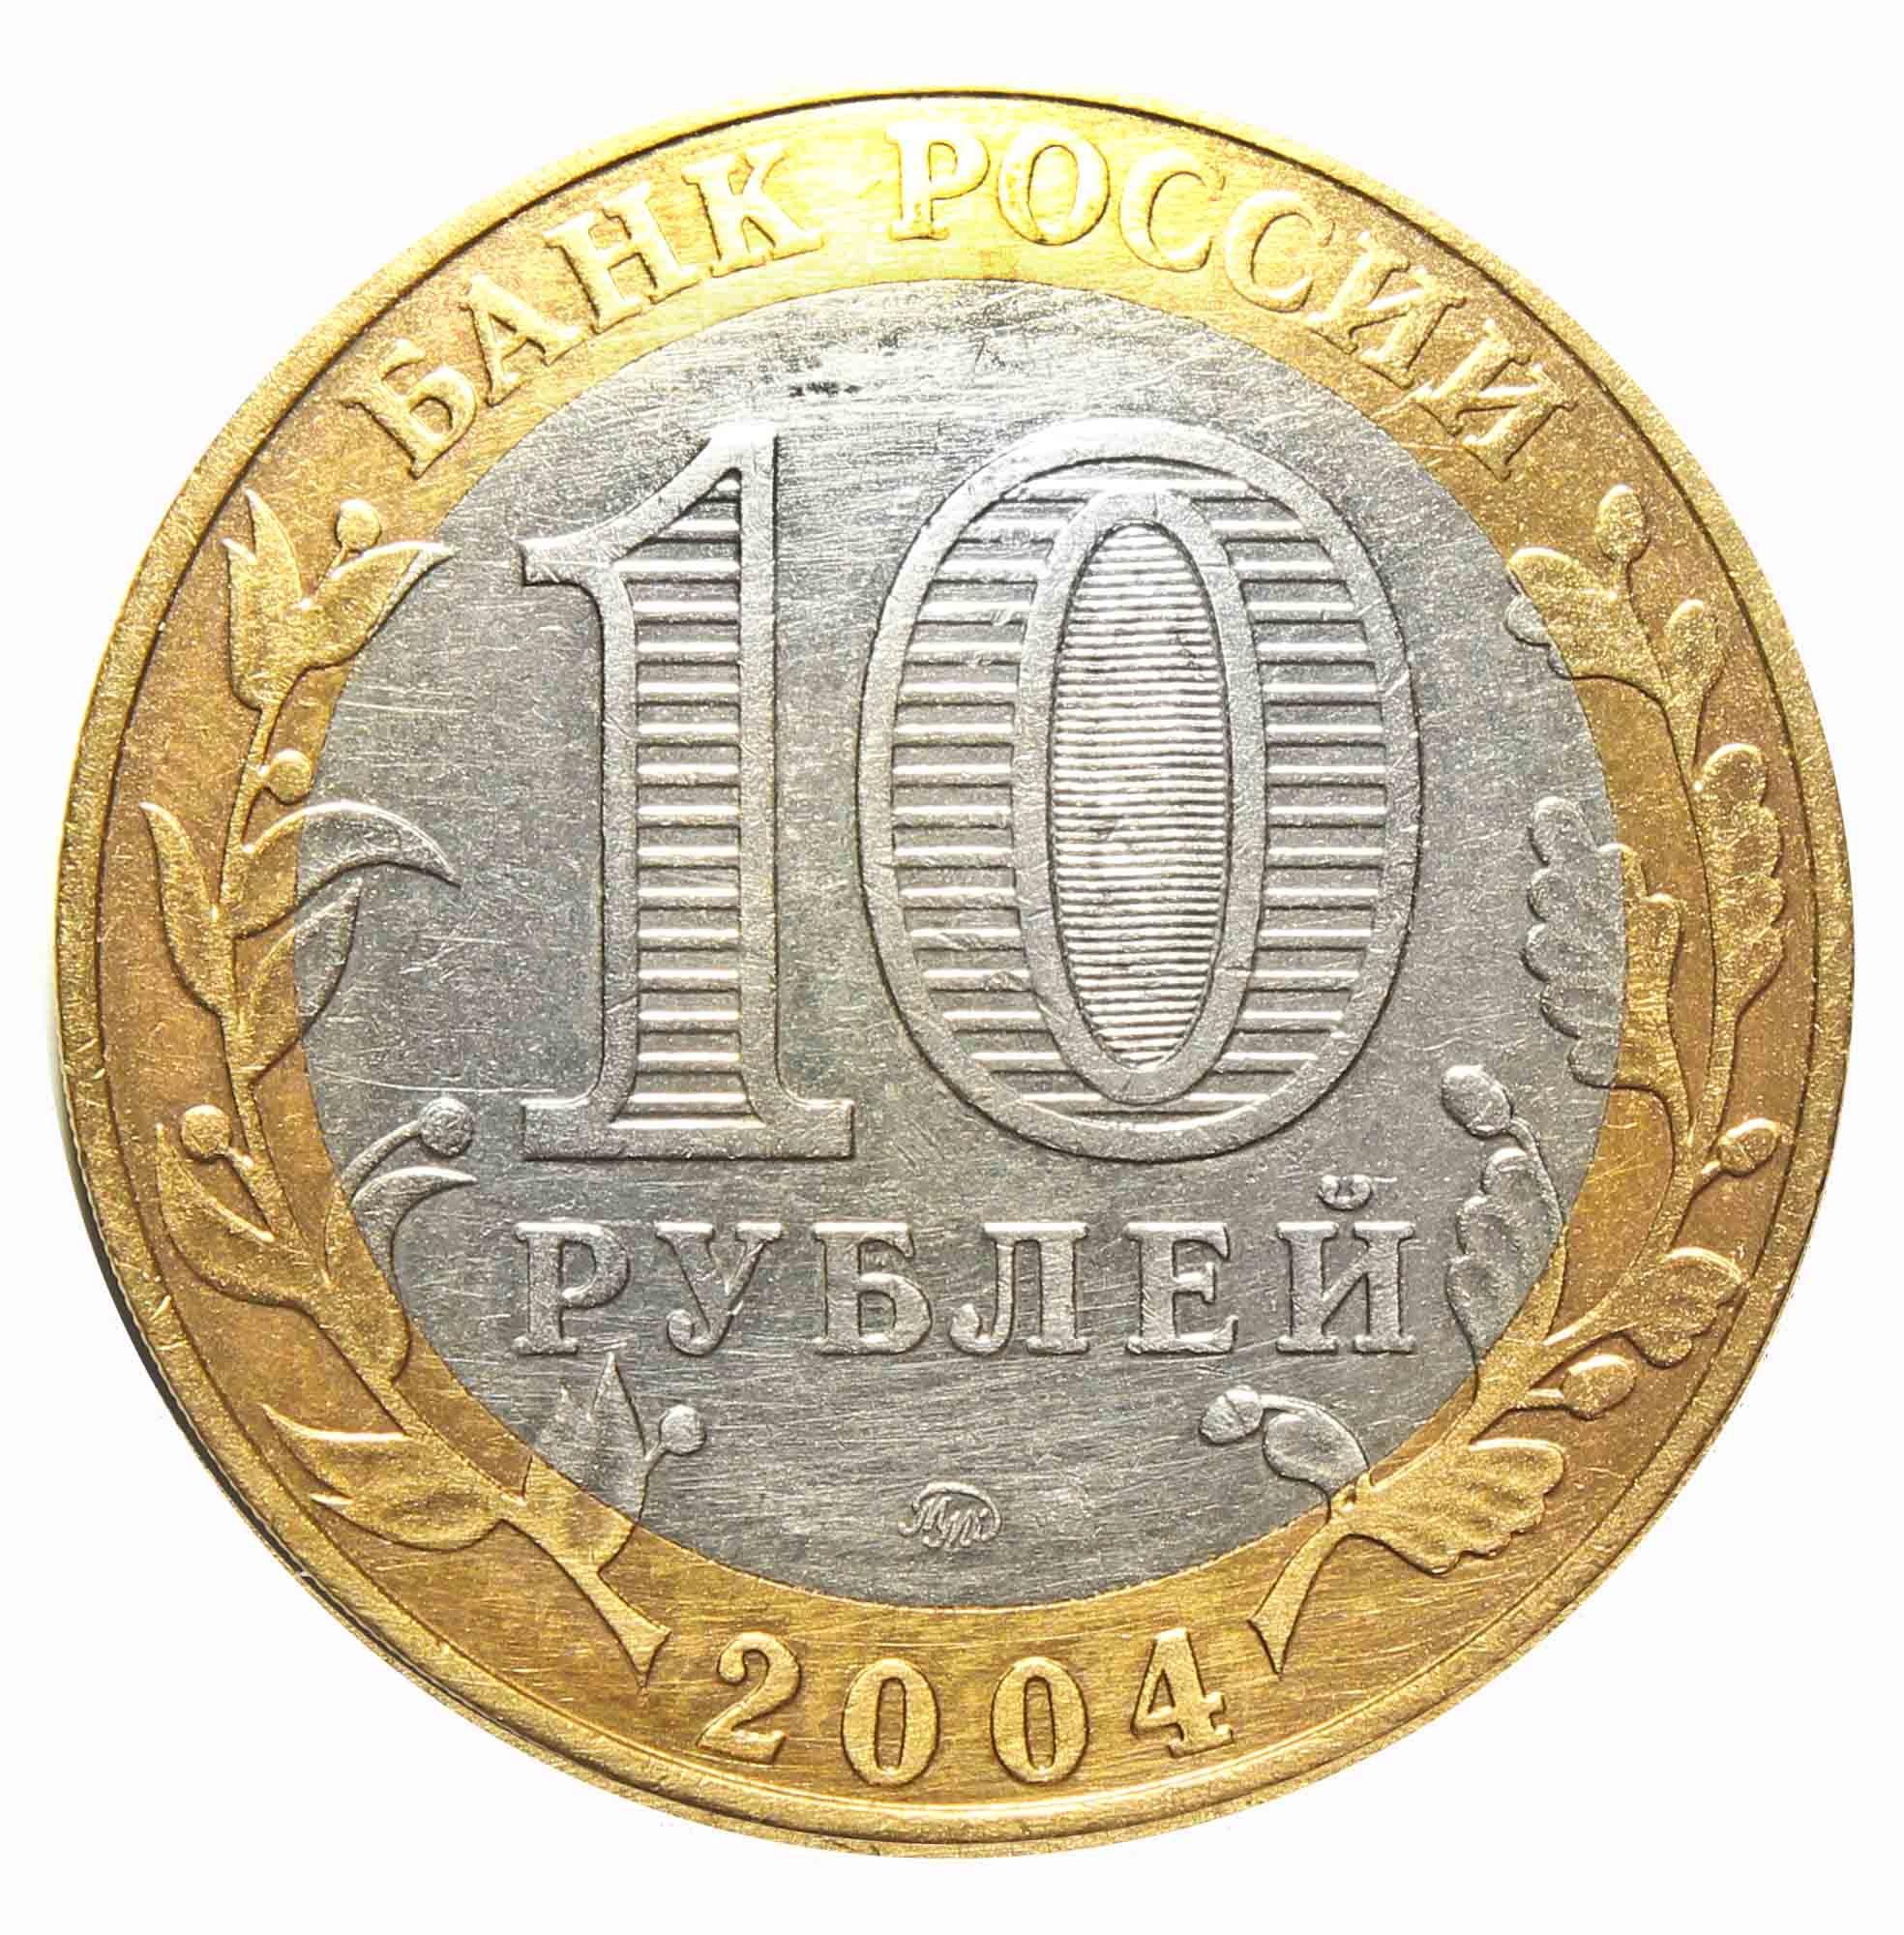 10 рублей Дмитров 2004 г (биметалл)